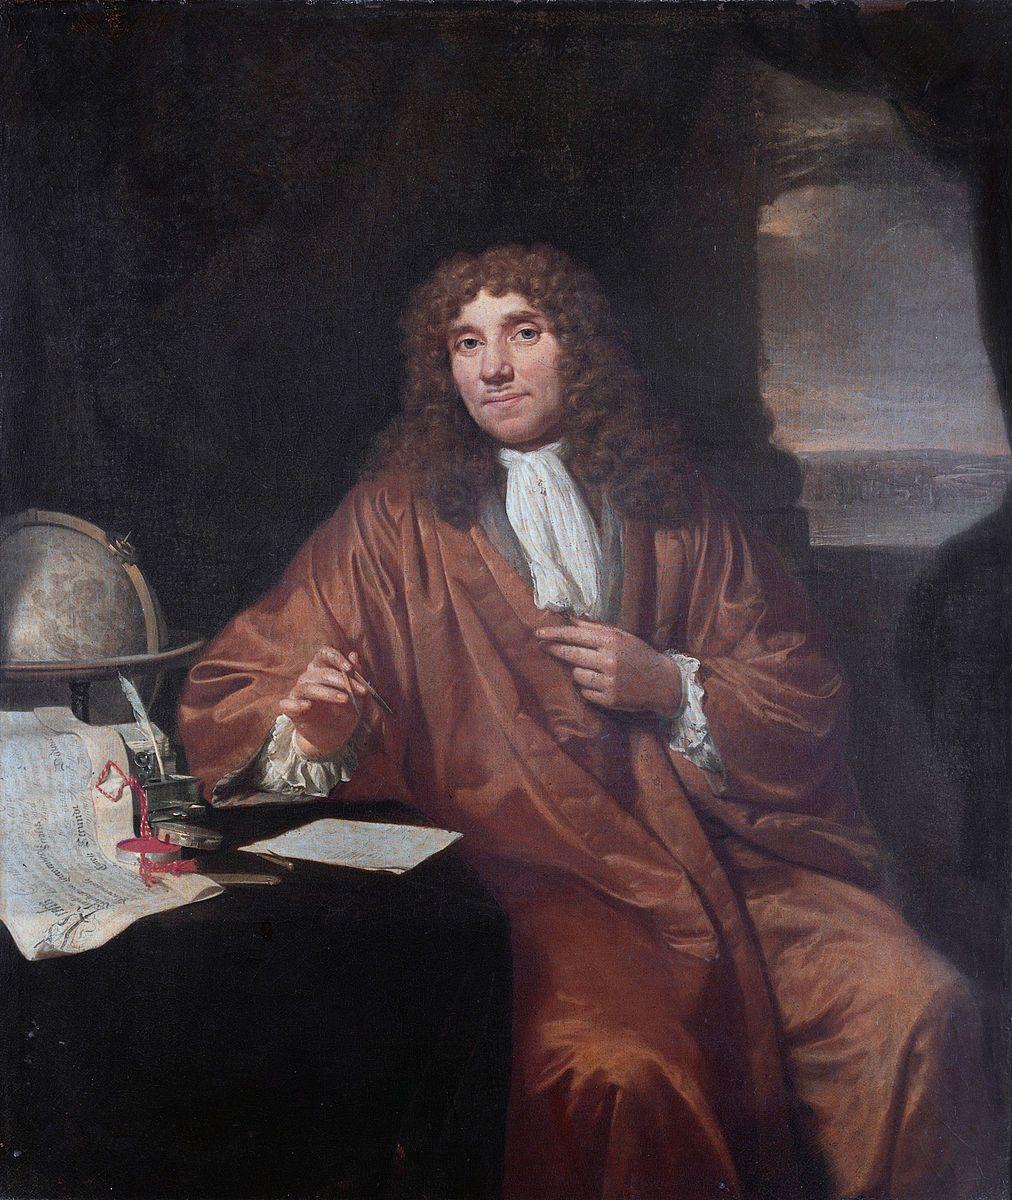 ANTONI VAN LEEUWENHOEK è stato un ottico e naturalista olandese. - MISTERO,OCCULTO & SCIENZA..STORIA